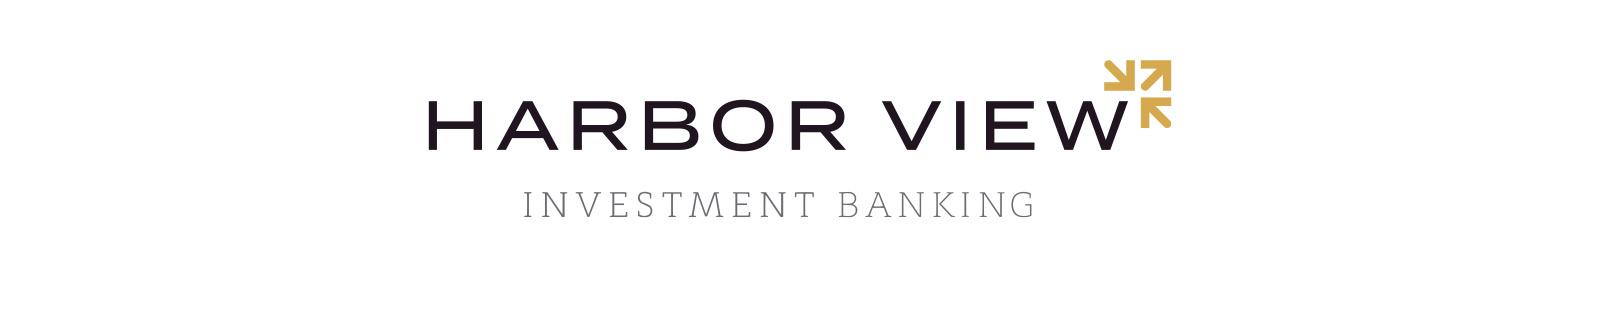 Harbor View Advisors design logo and branding